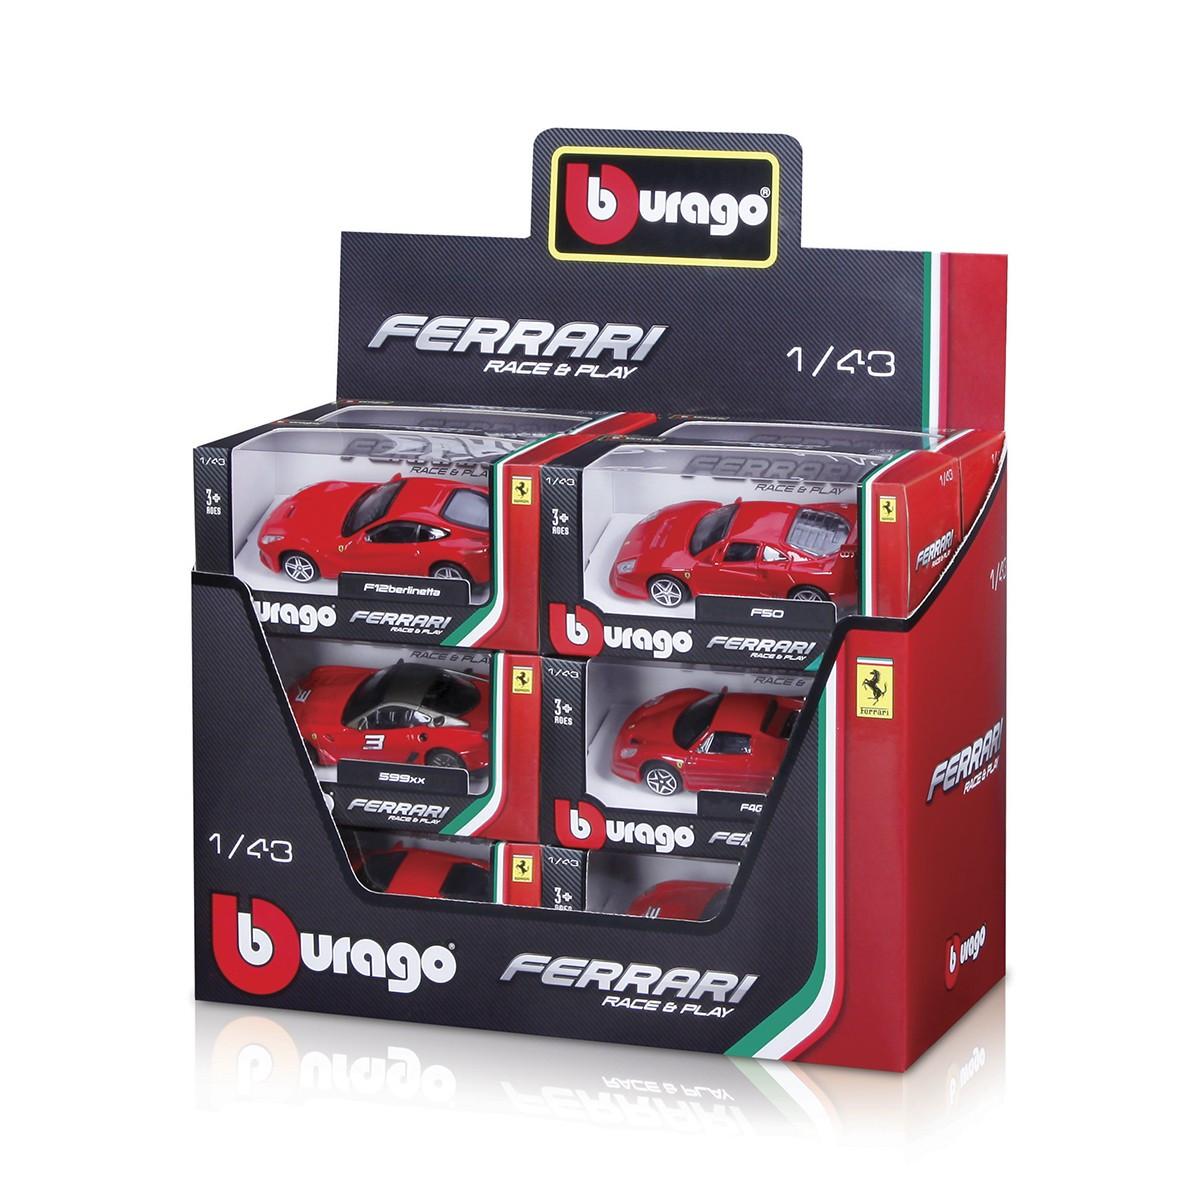 Автомоделі - Ferrari (асорті, 1:43)